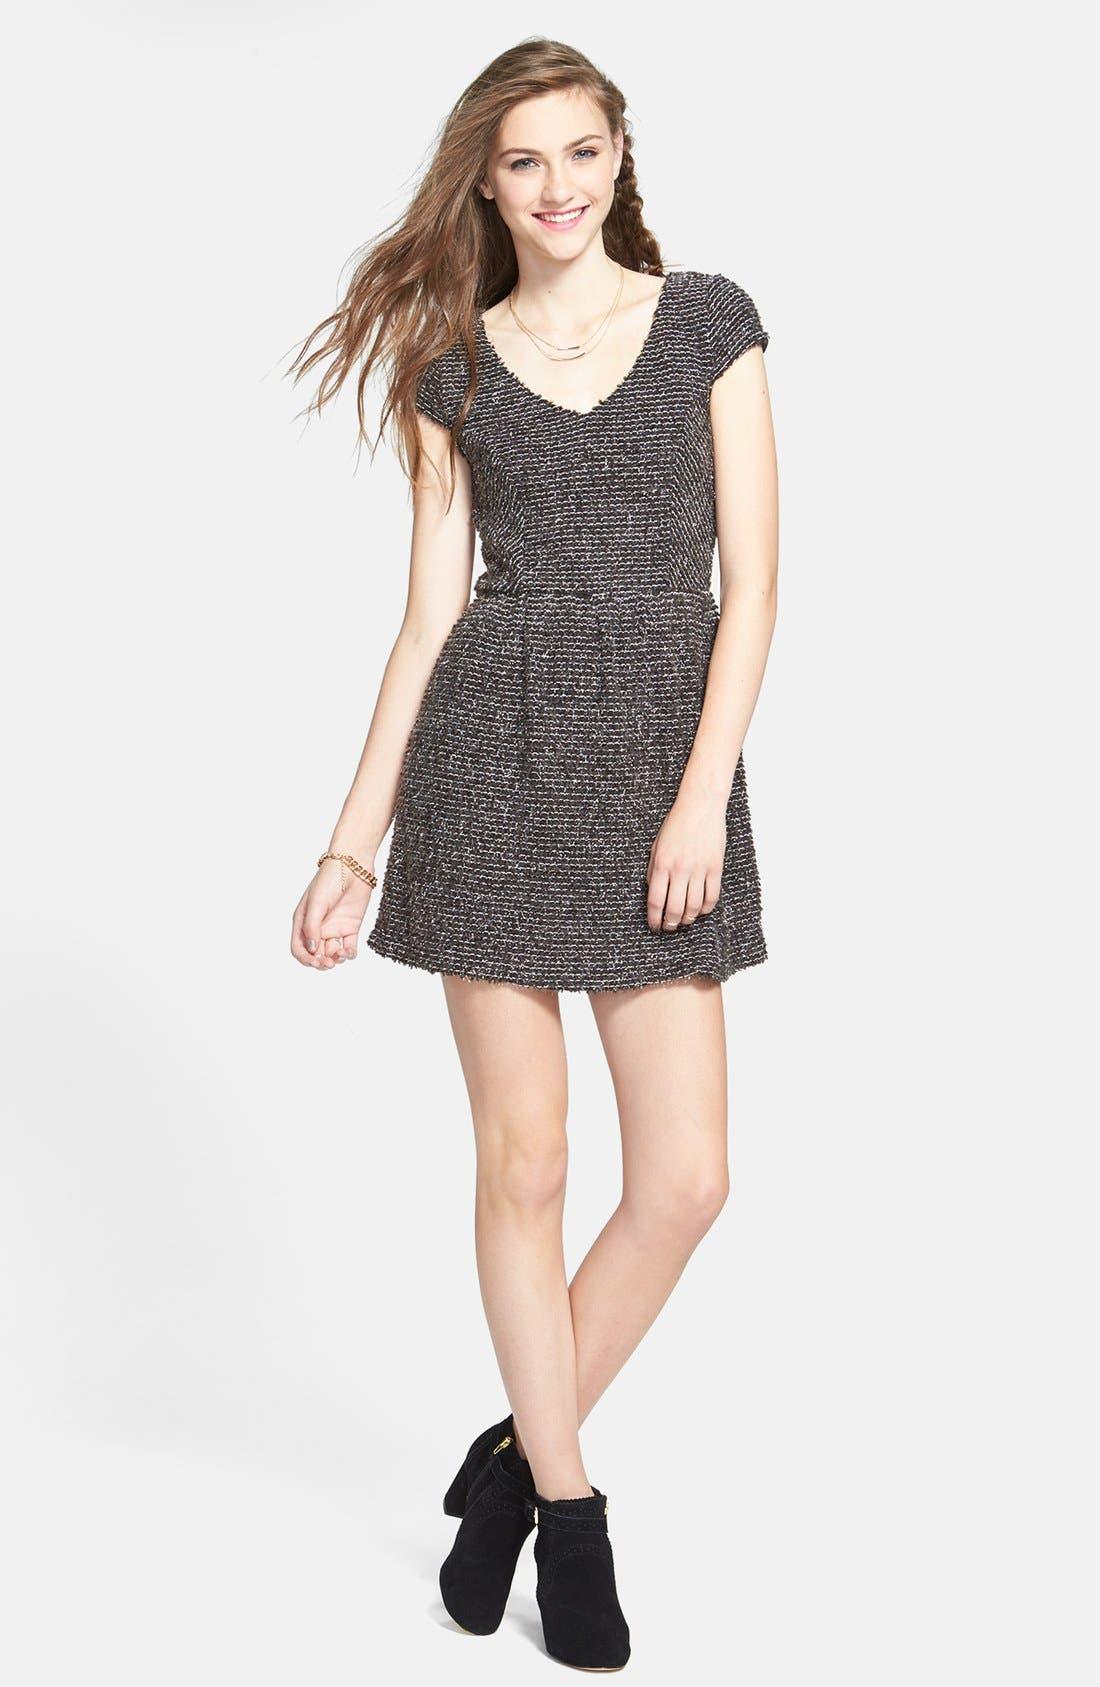 Alternate Image 1 Selected - Socialite Textured Skater Dress (Juniors)